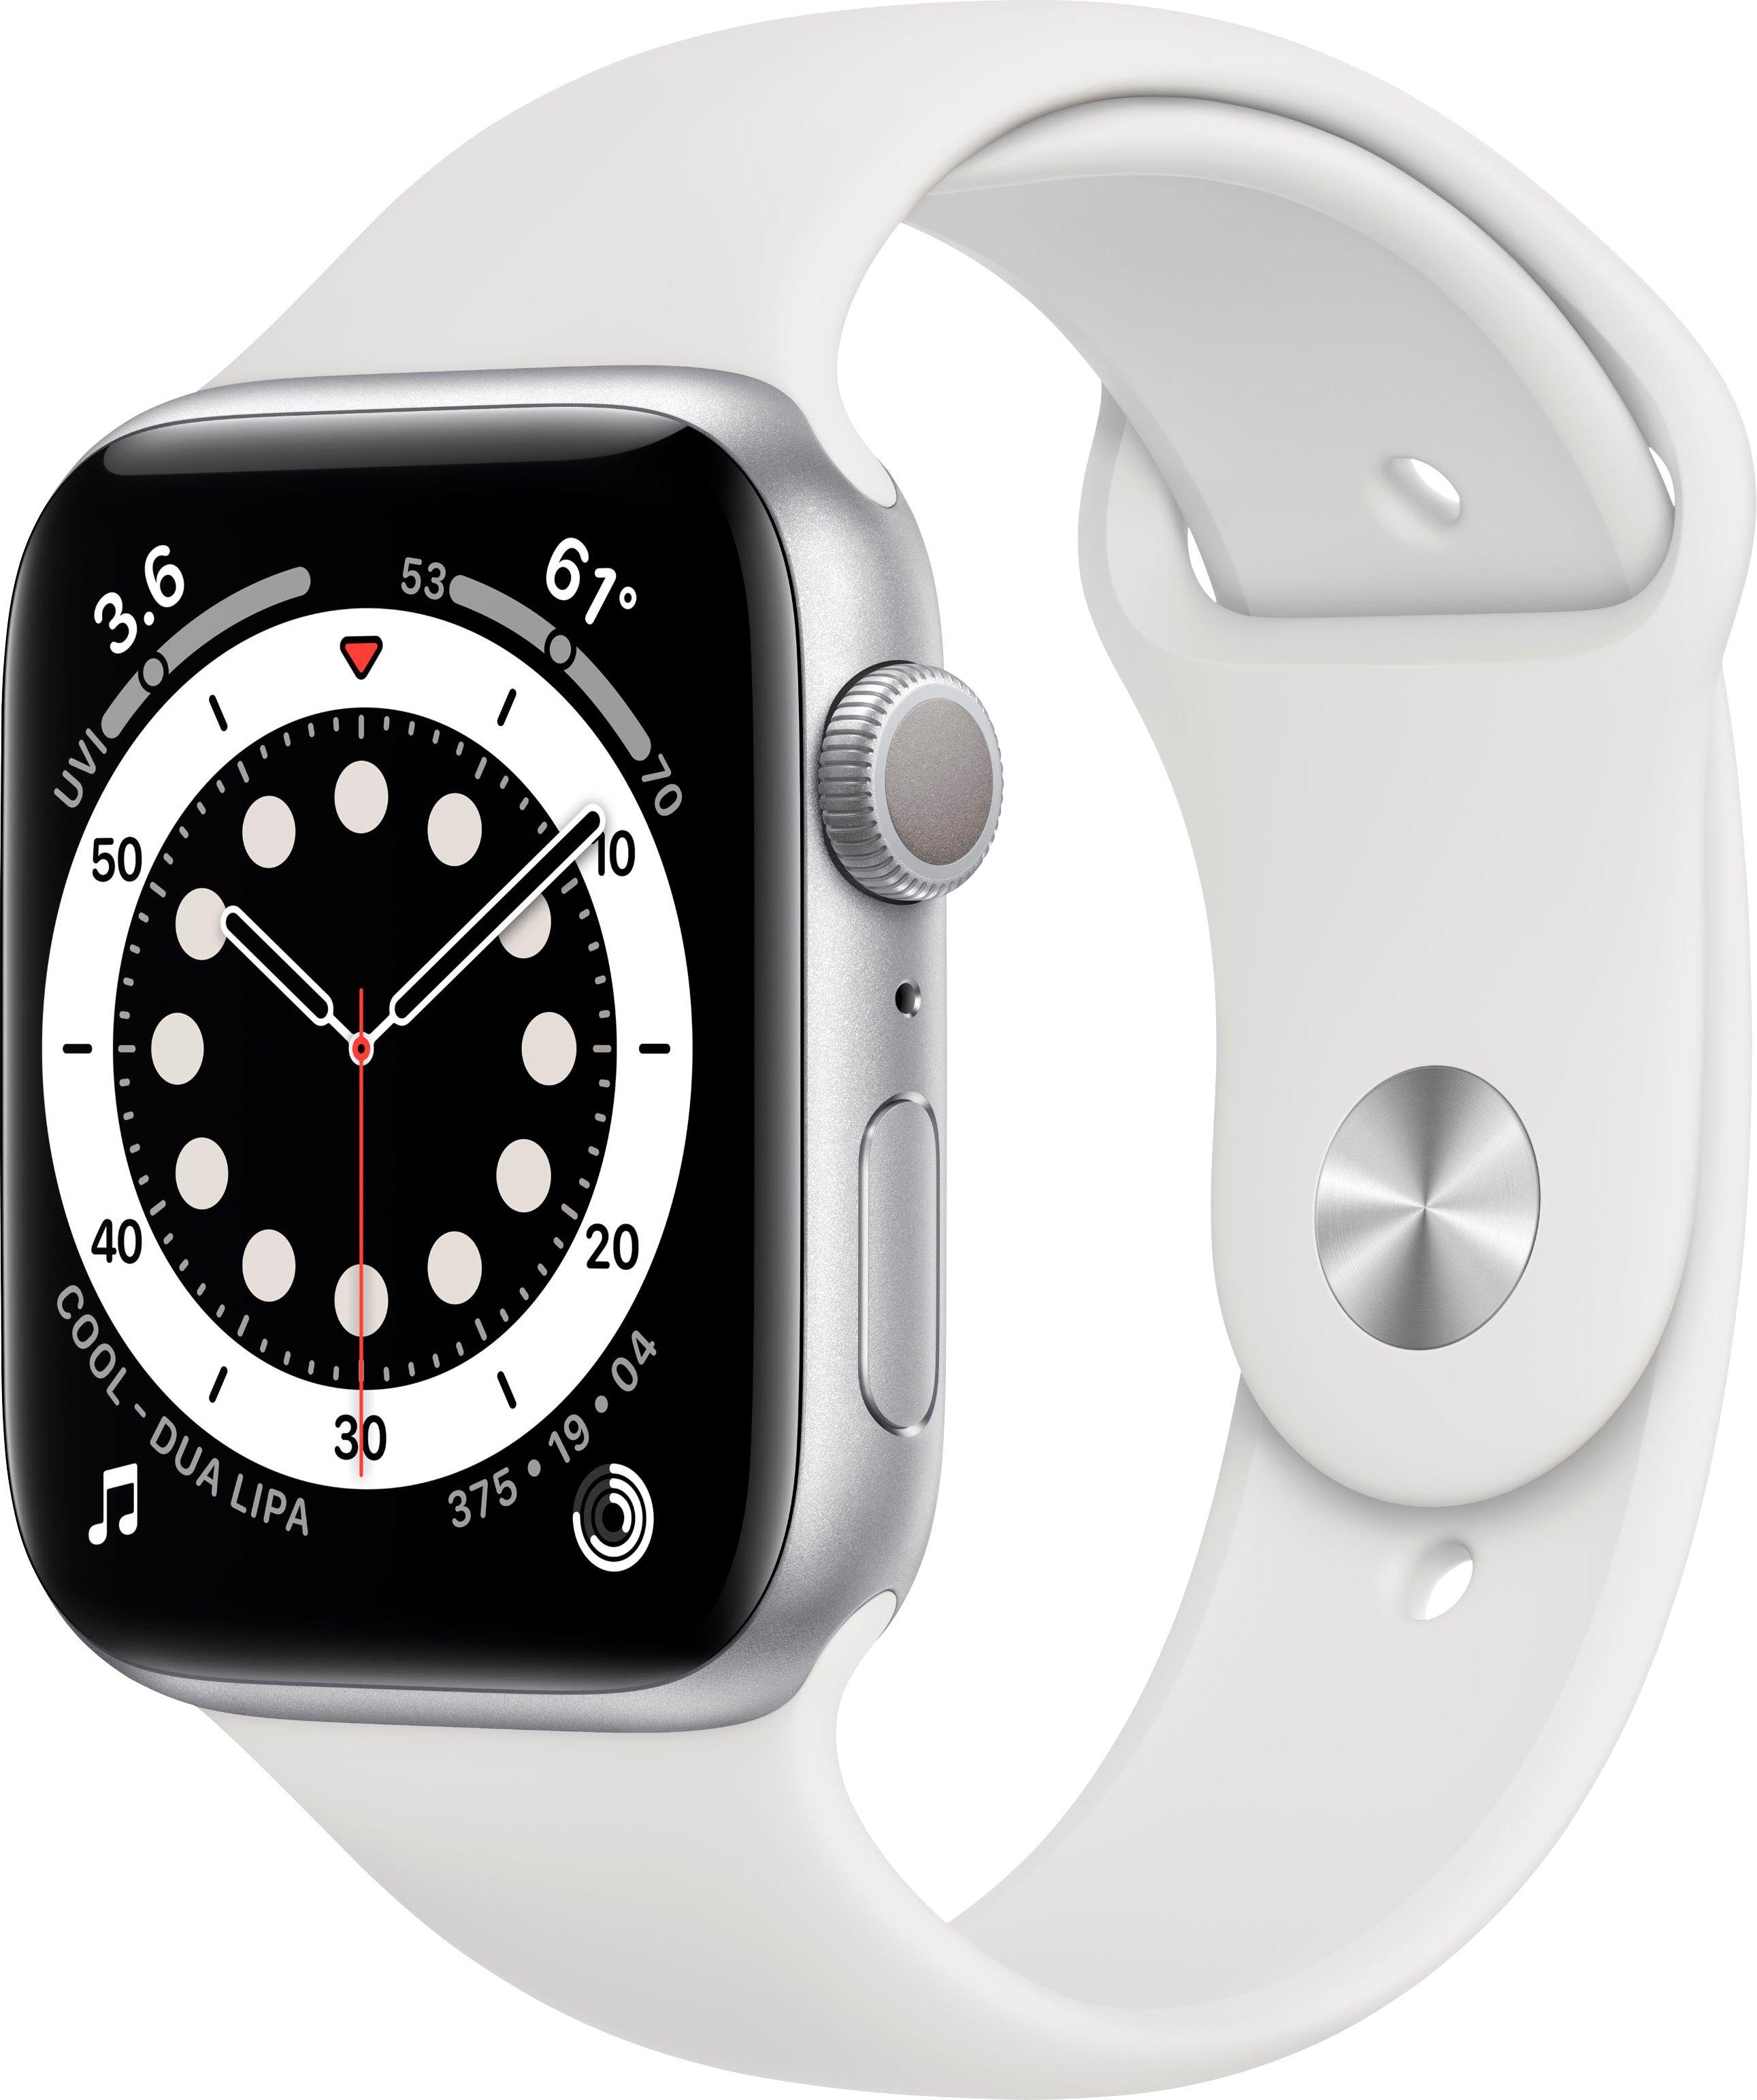 Apple watch Series 6 gps, aluminium kast met sportbandje 44 mm inclusief oplaadstation (magnetische oplaadkabel) voordelig en veilig online kopen